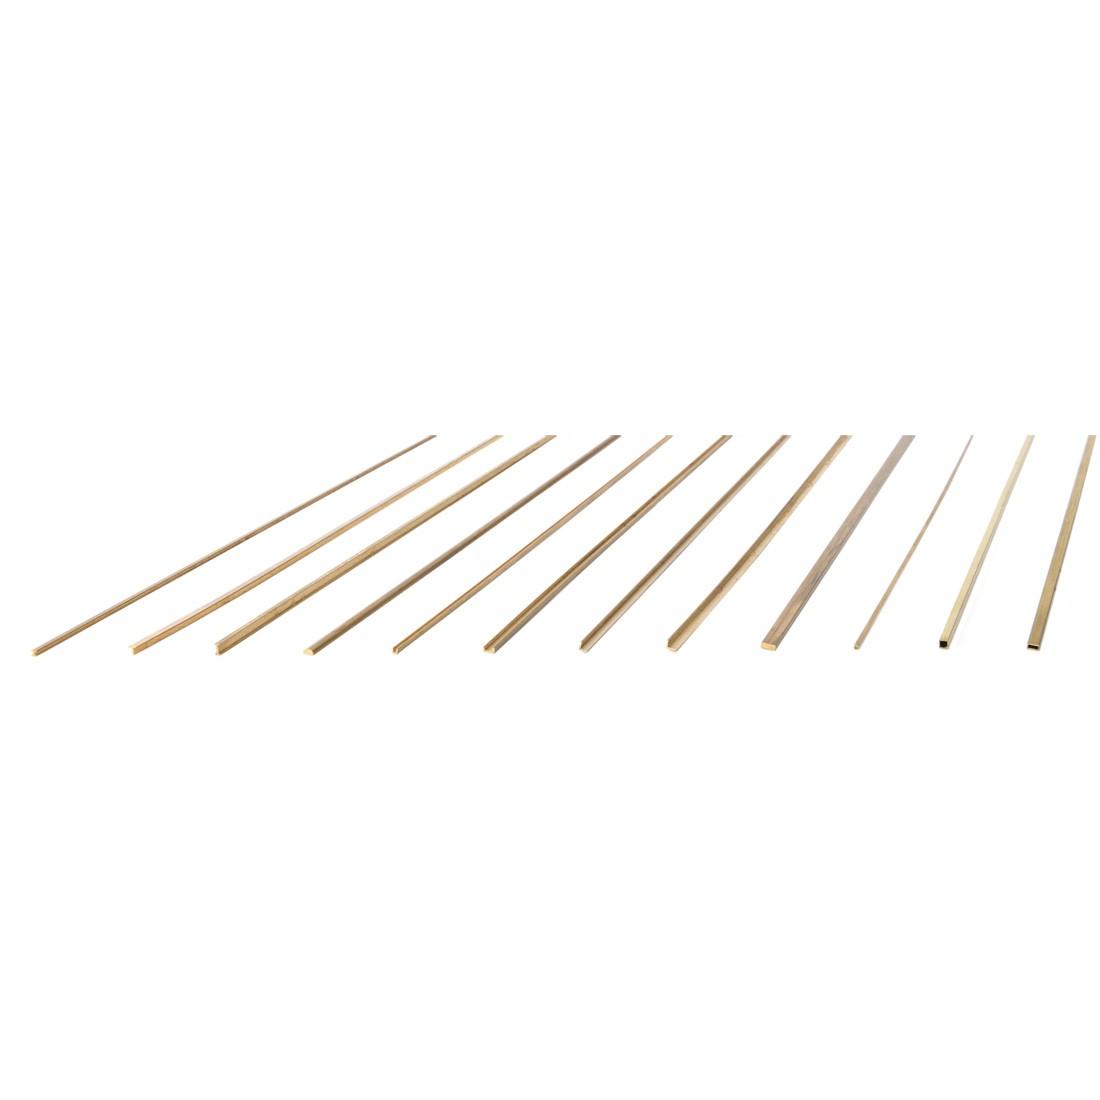 Microprofilati Ottone mm. 2x4x500 sez. L